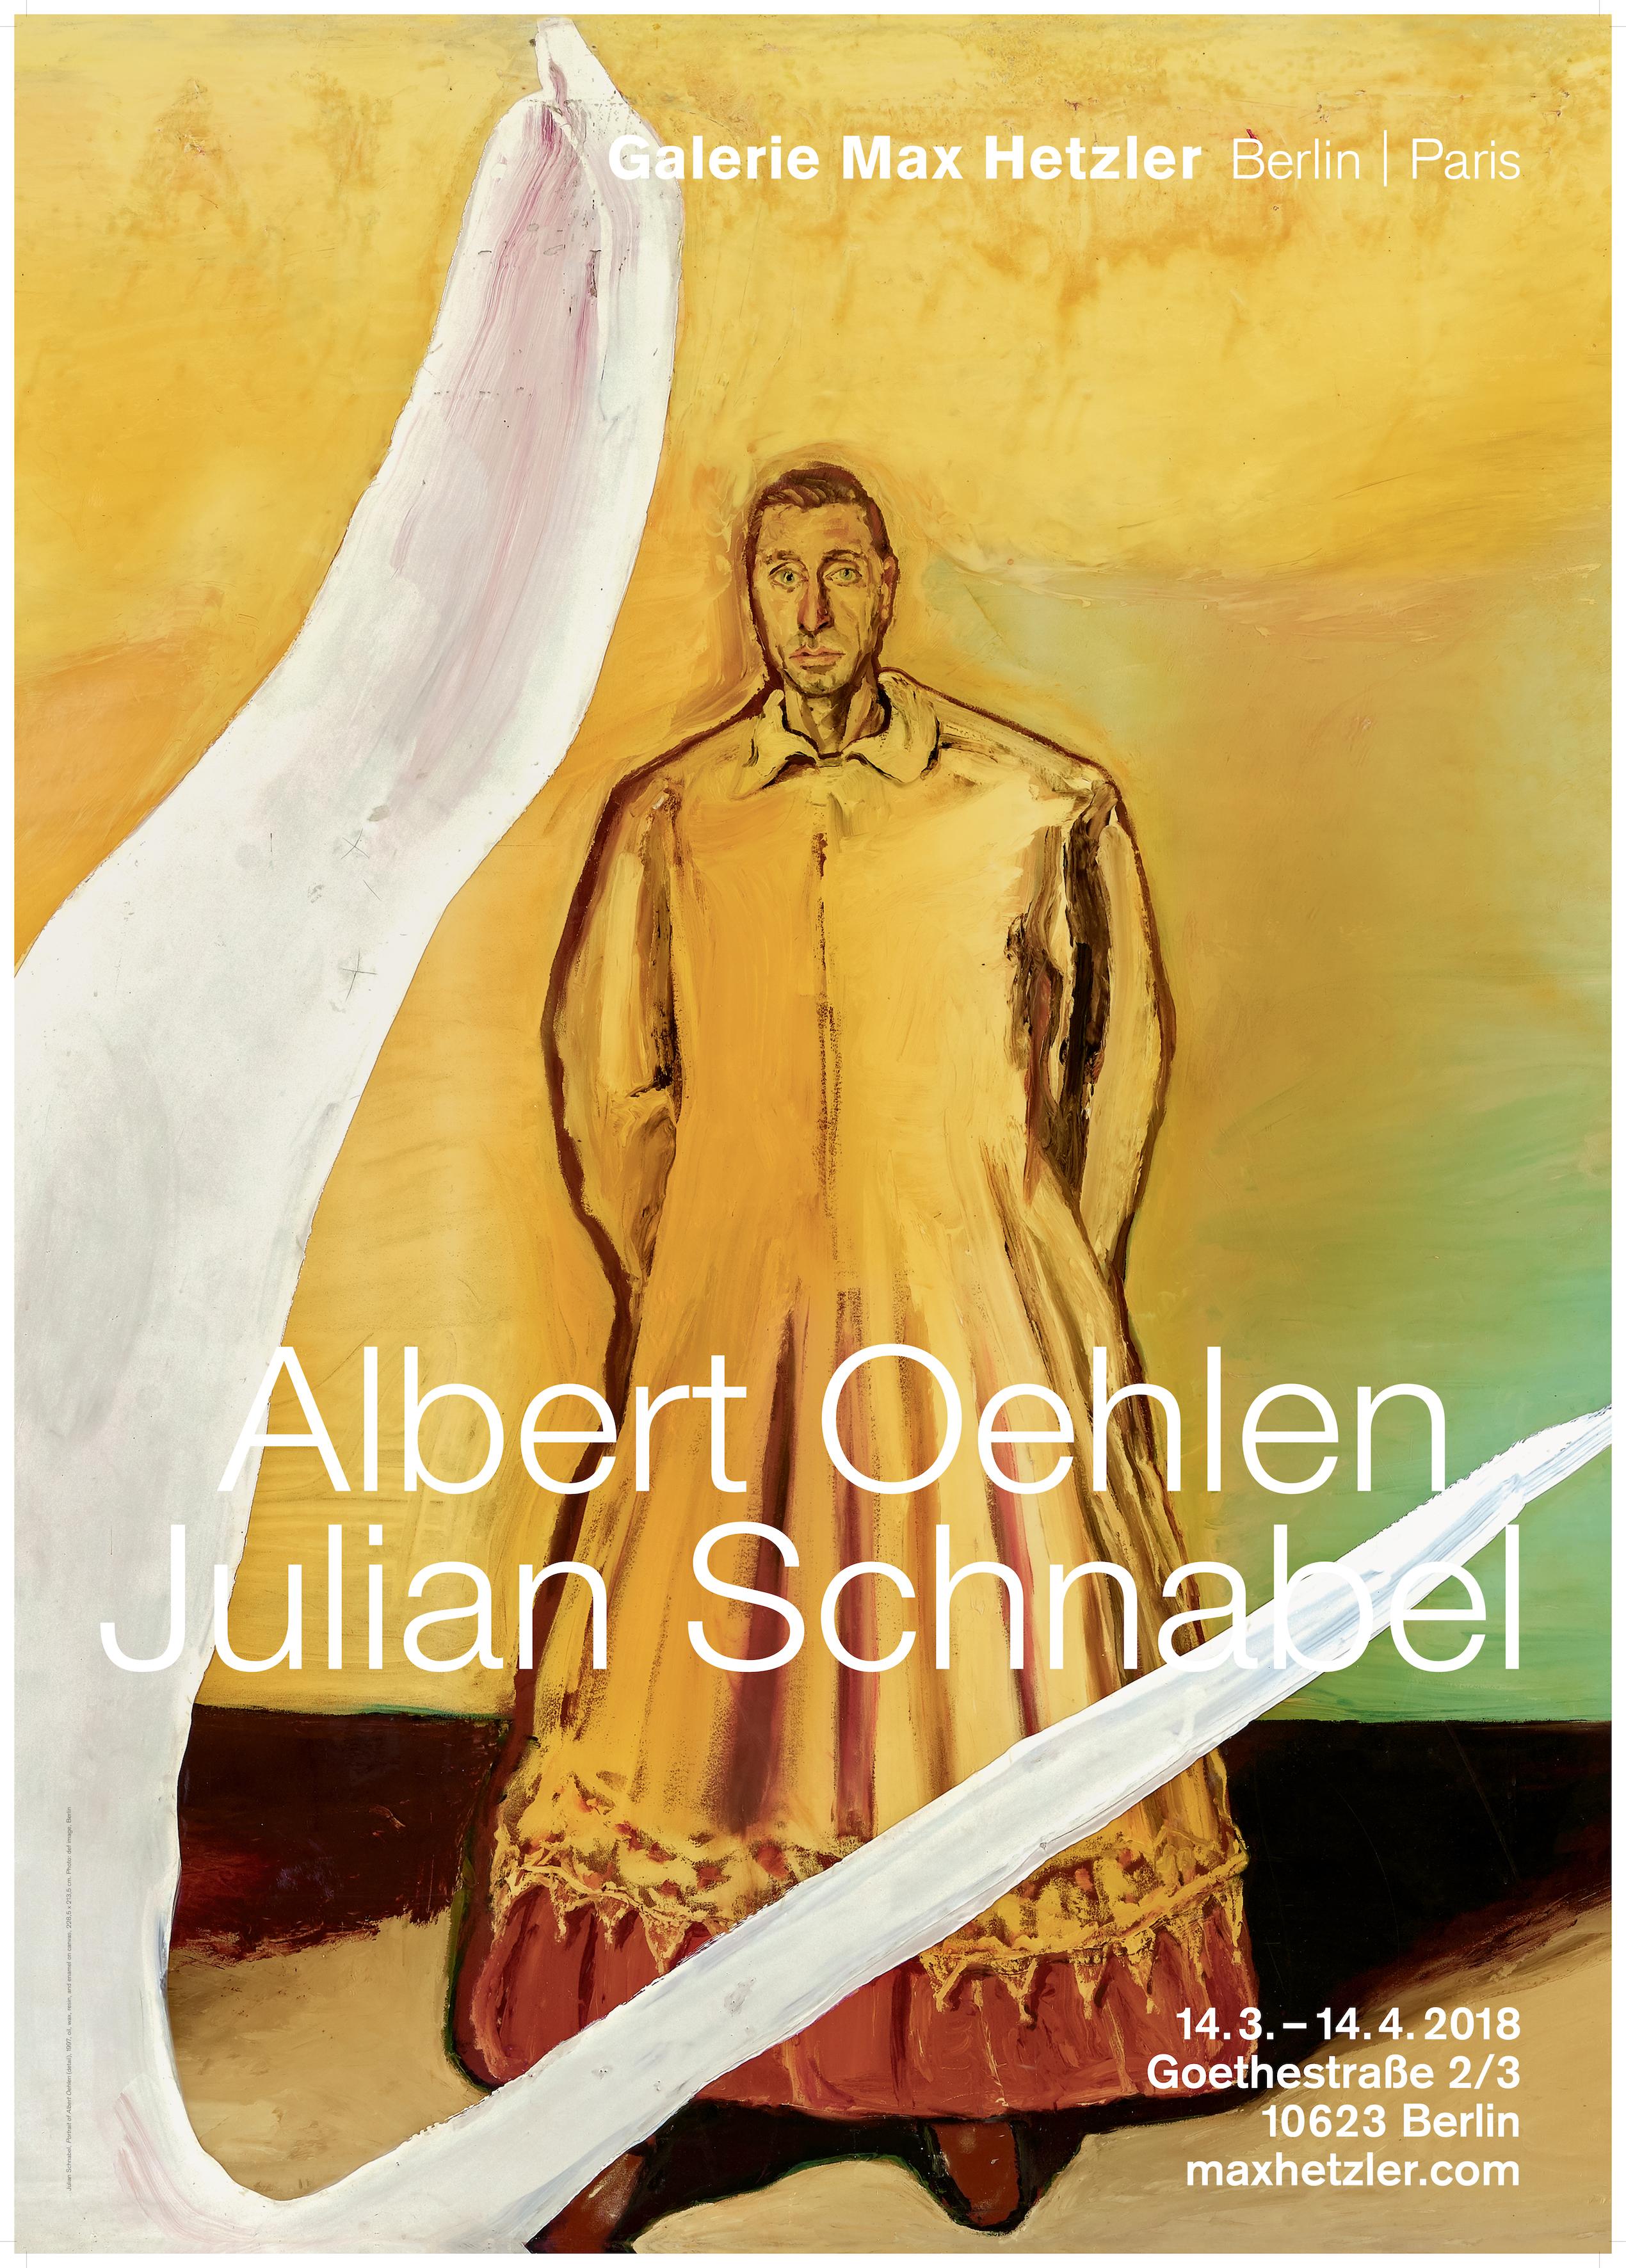 Albert Oehlen | Julian Schnabel - Galerie Max Hetzler